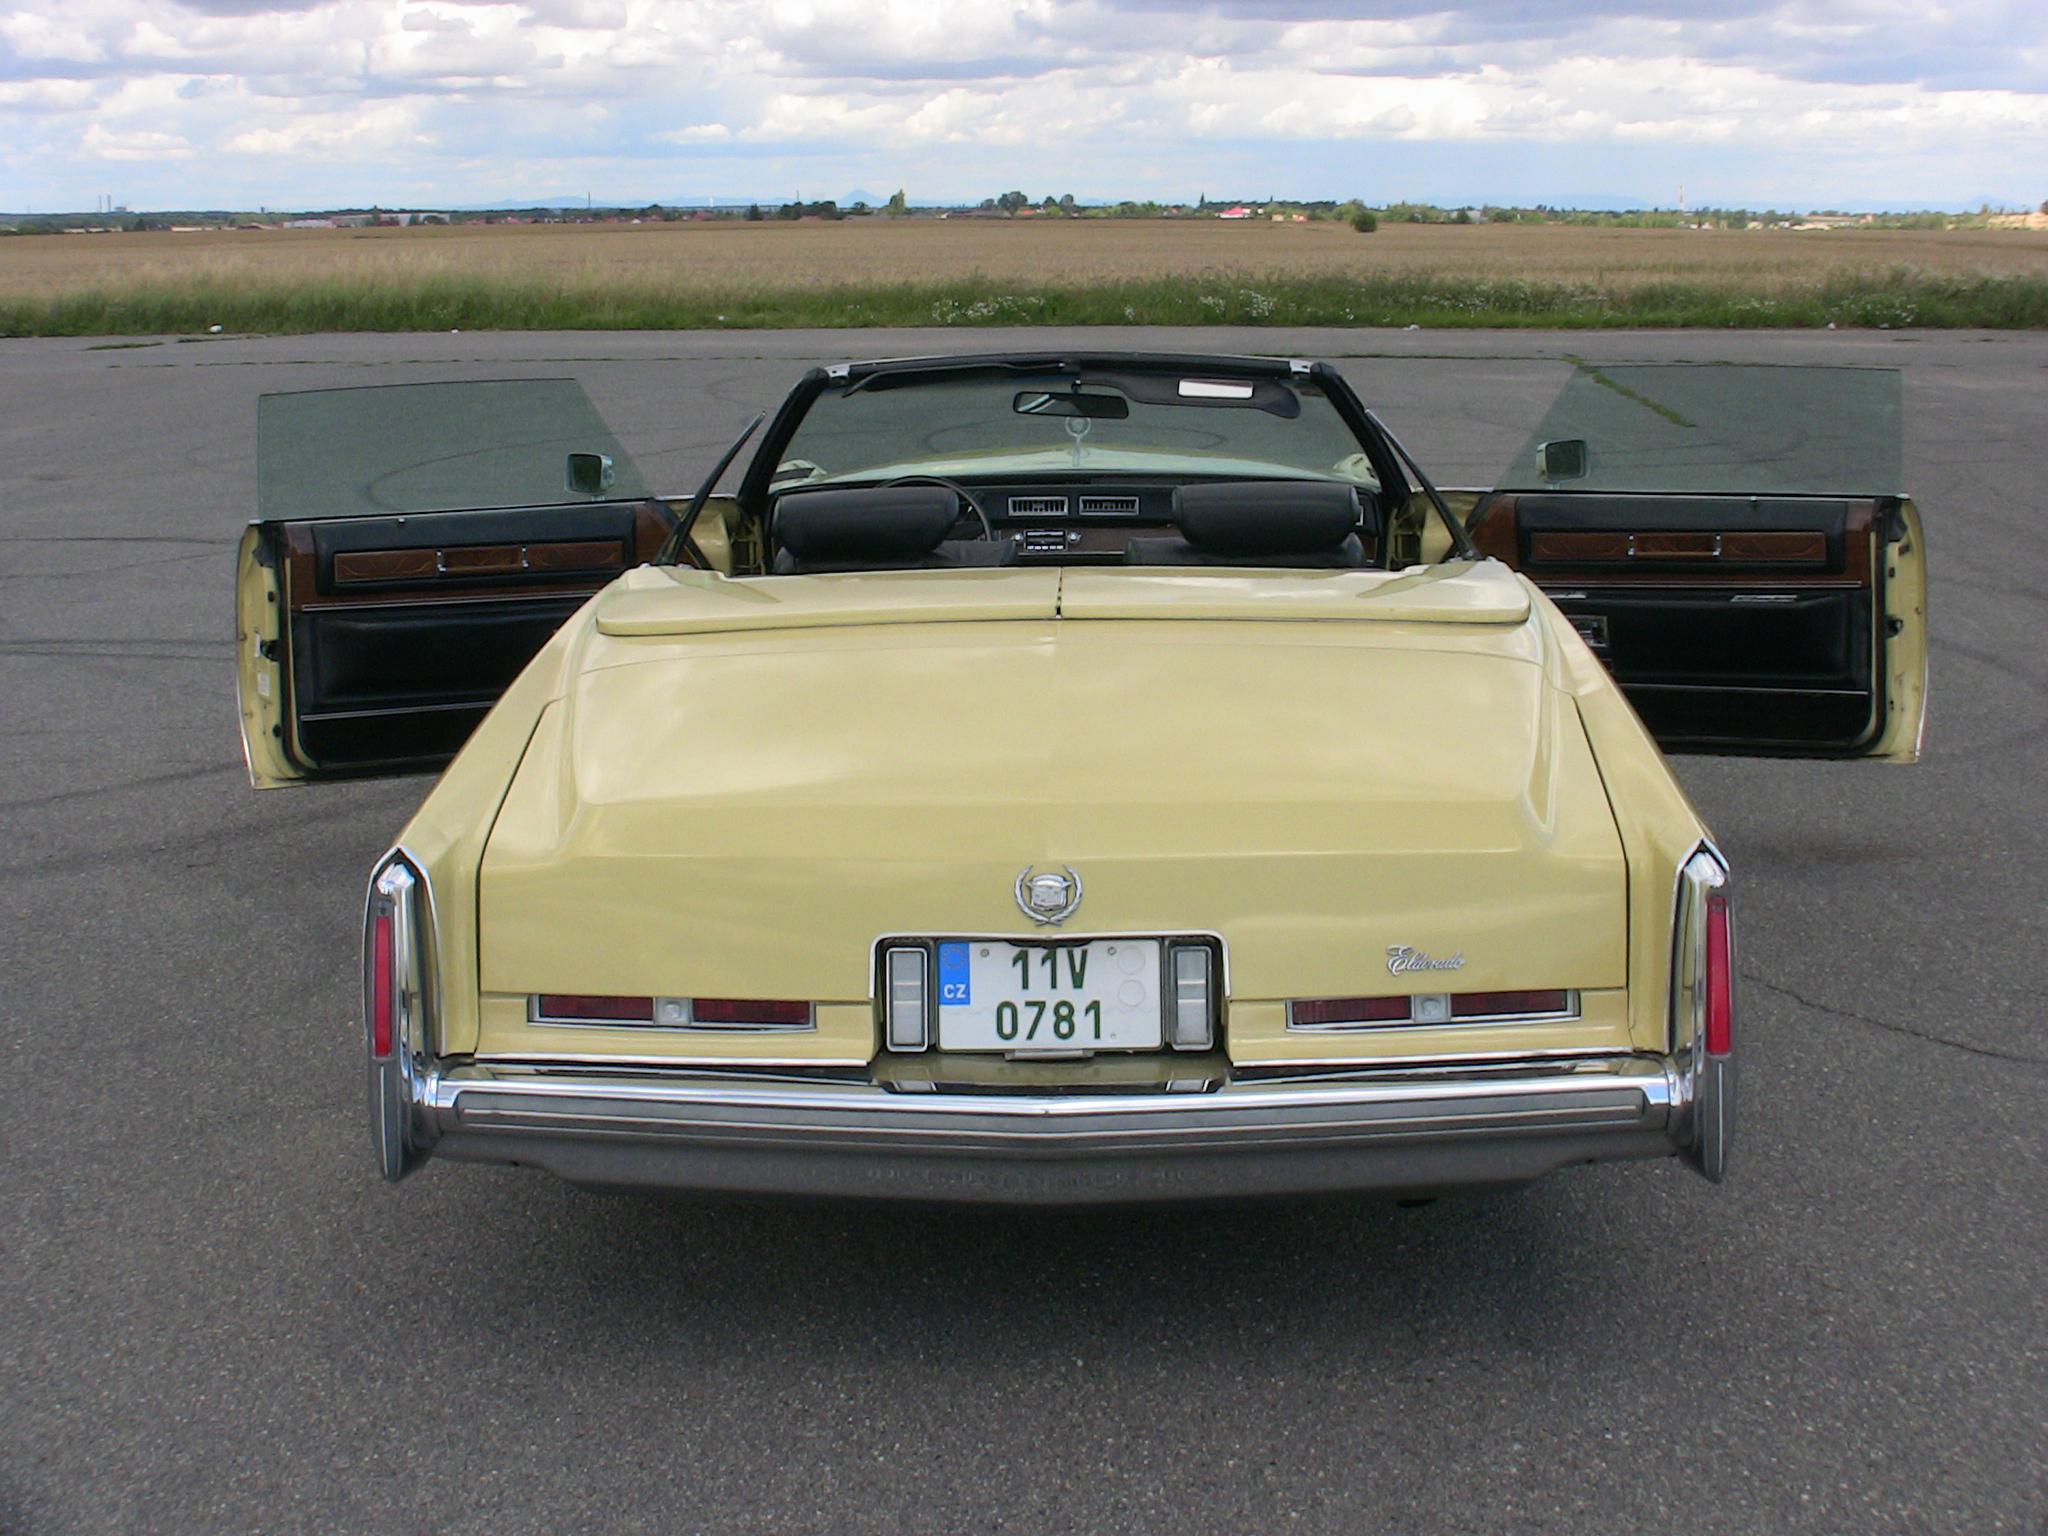 1975 Cadillac Eldorado Convertible Cadillac Klub Čr